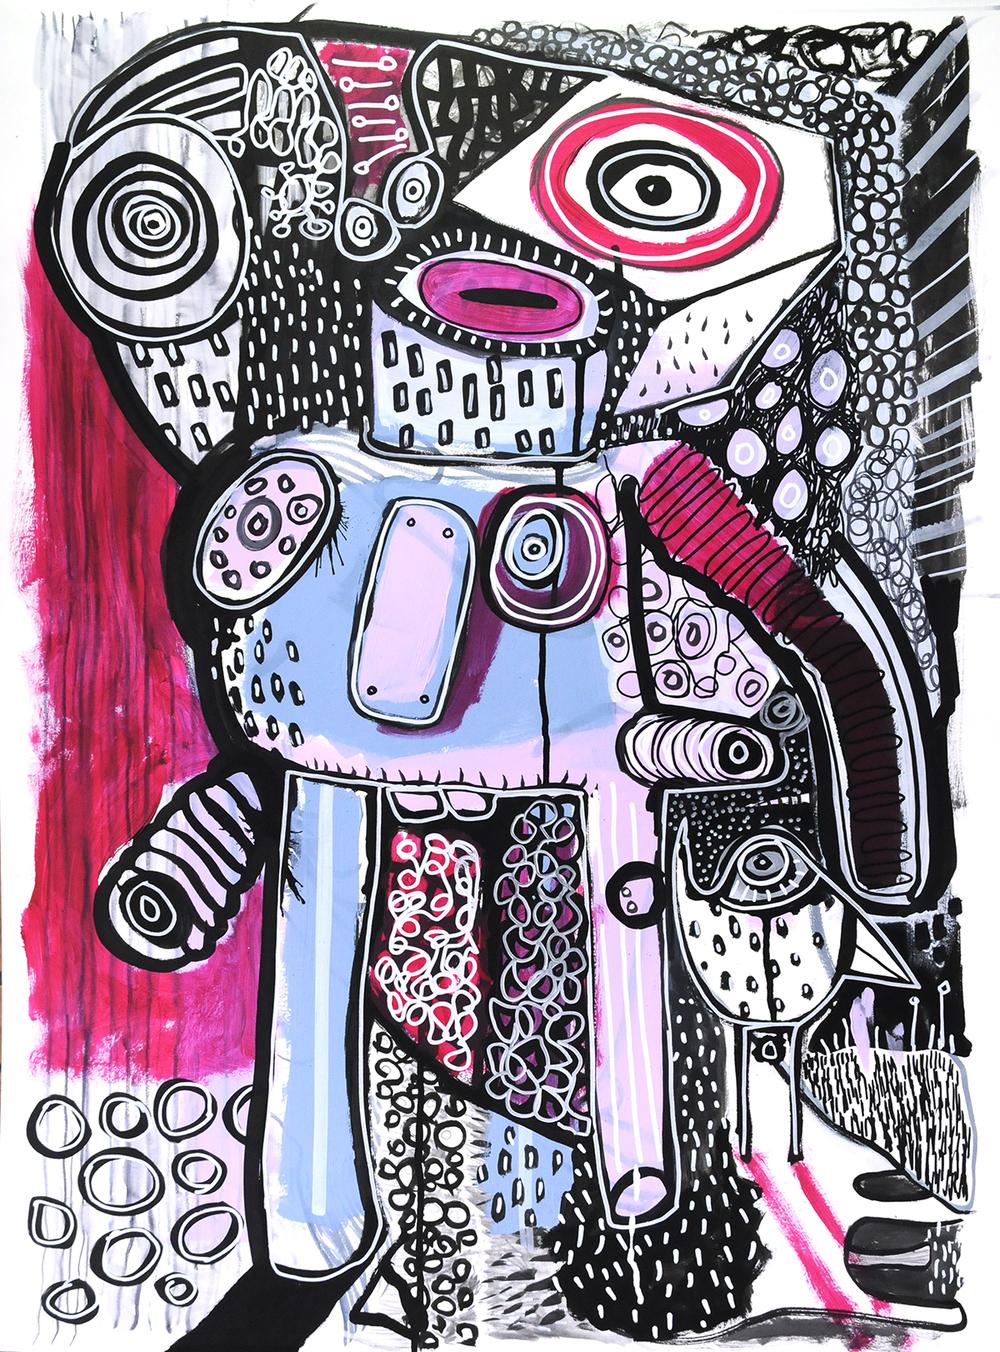 Robo Pipe Dream